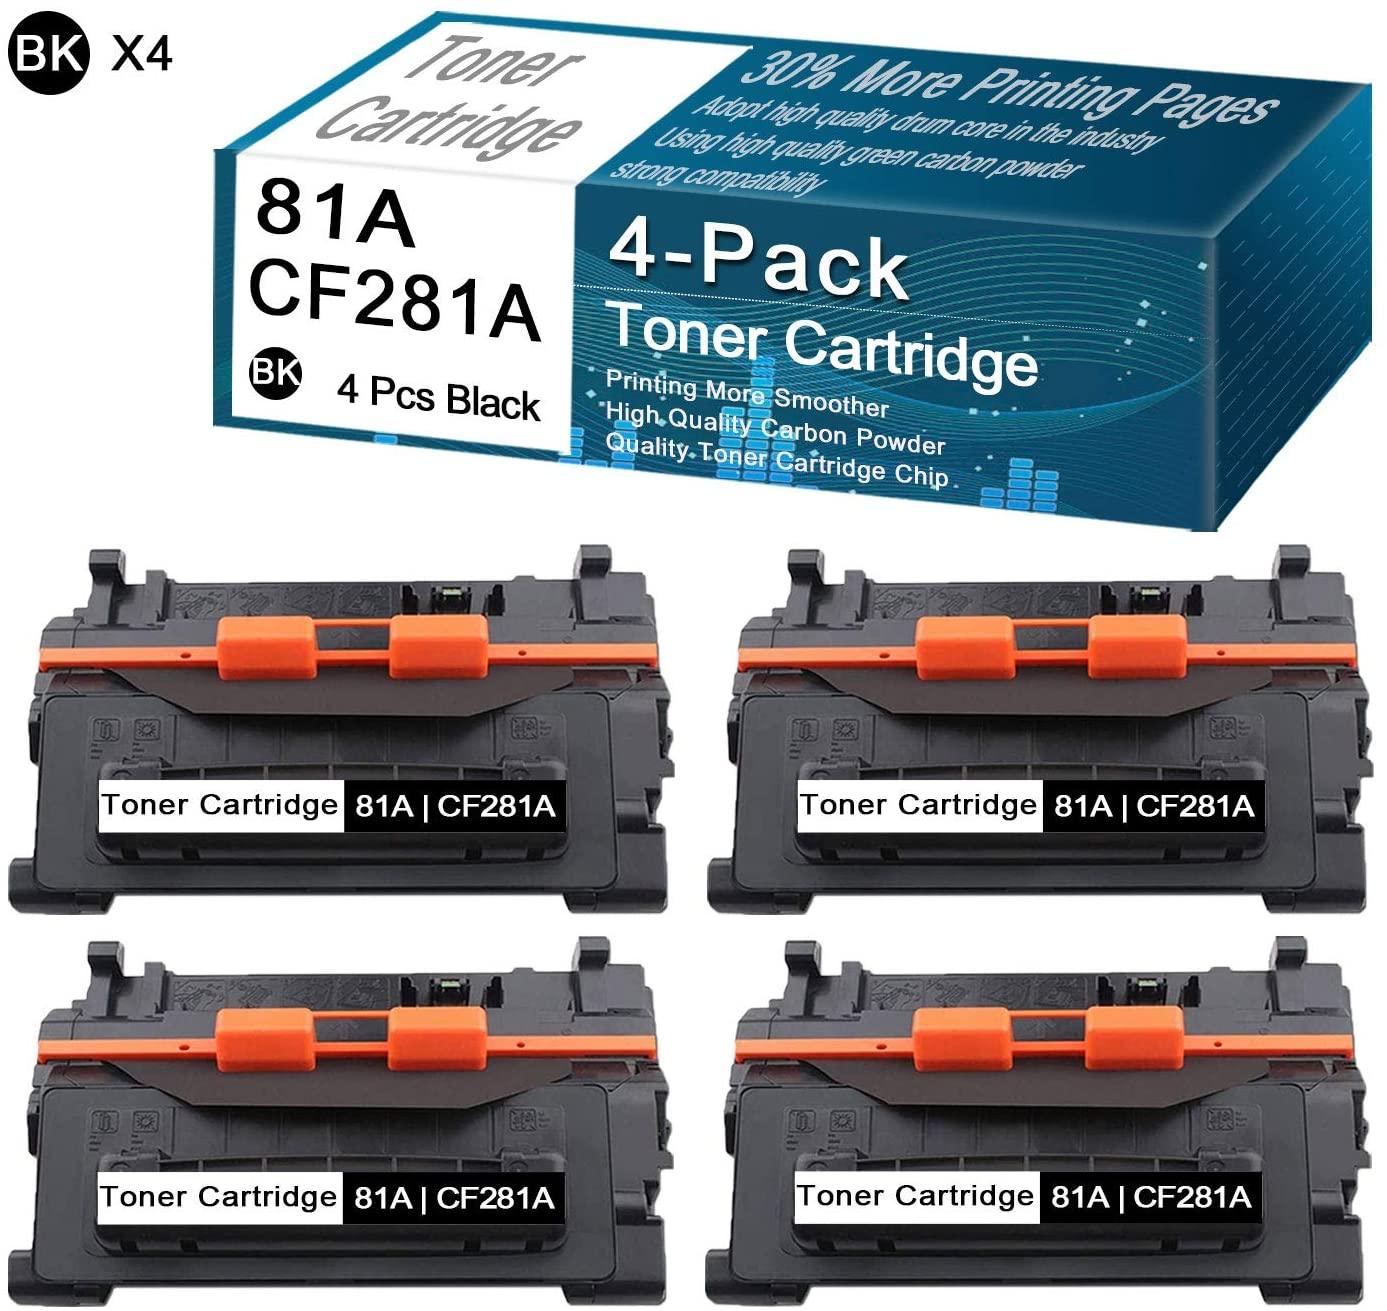 CuToner Compatible Toner Cartridges 4-Pack Black 81A | CF281A Replacement for HP Laserjet Enterprise M604n,M604dn,M605n,M605dn,M605x,M606dn,M630h,M630dn,M630f,M630z,M604 Printers Toner Cartridges.